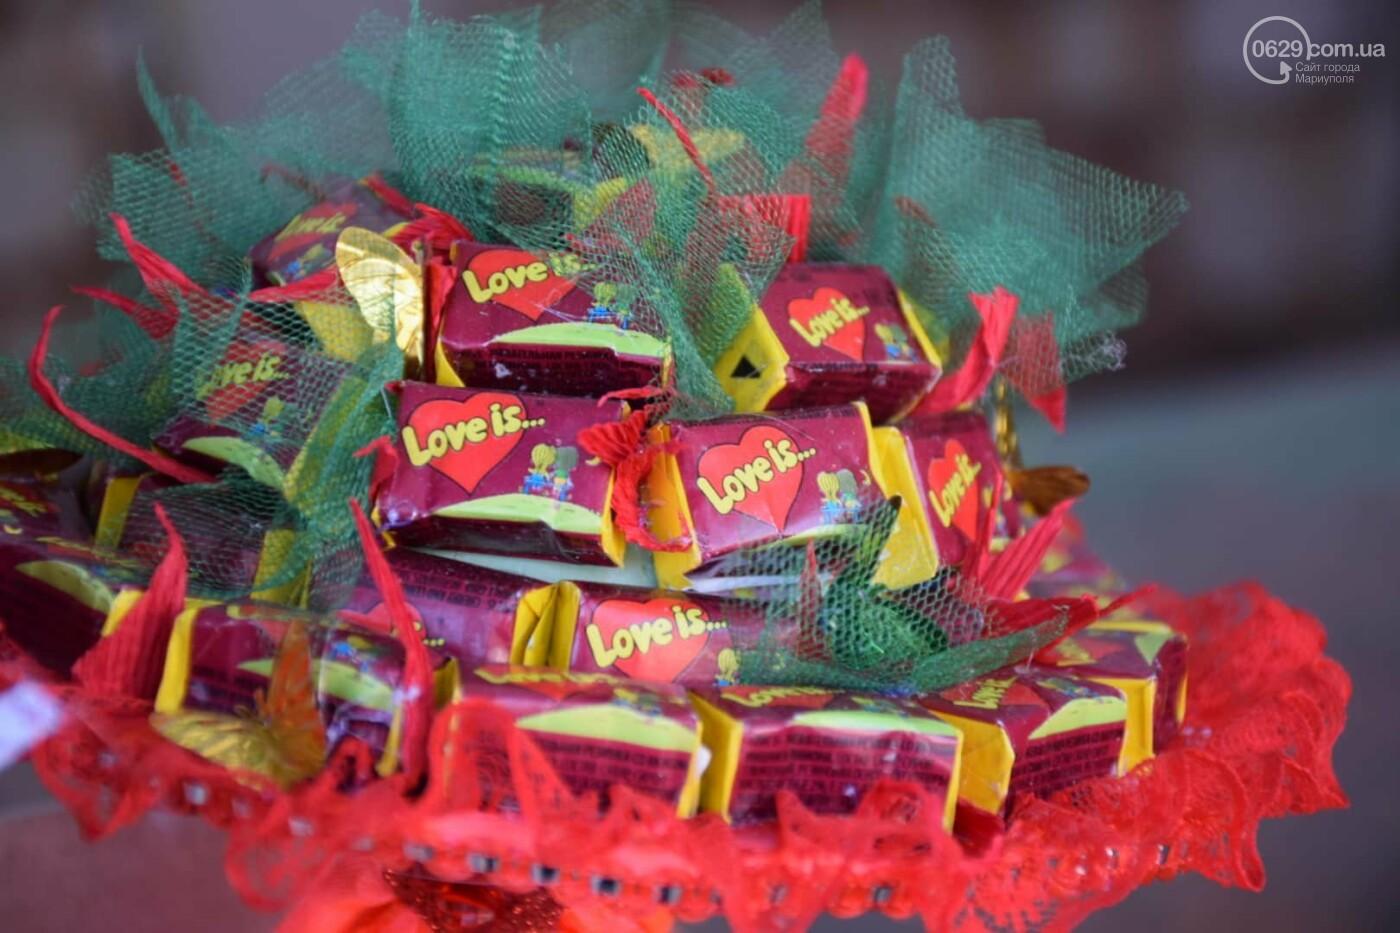 День Святого Валентина в Мариуполе: цветы, шары и мужчины-романтики, - ФОТОРЕПОРТАЖ, фото-19